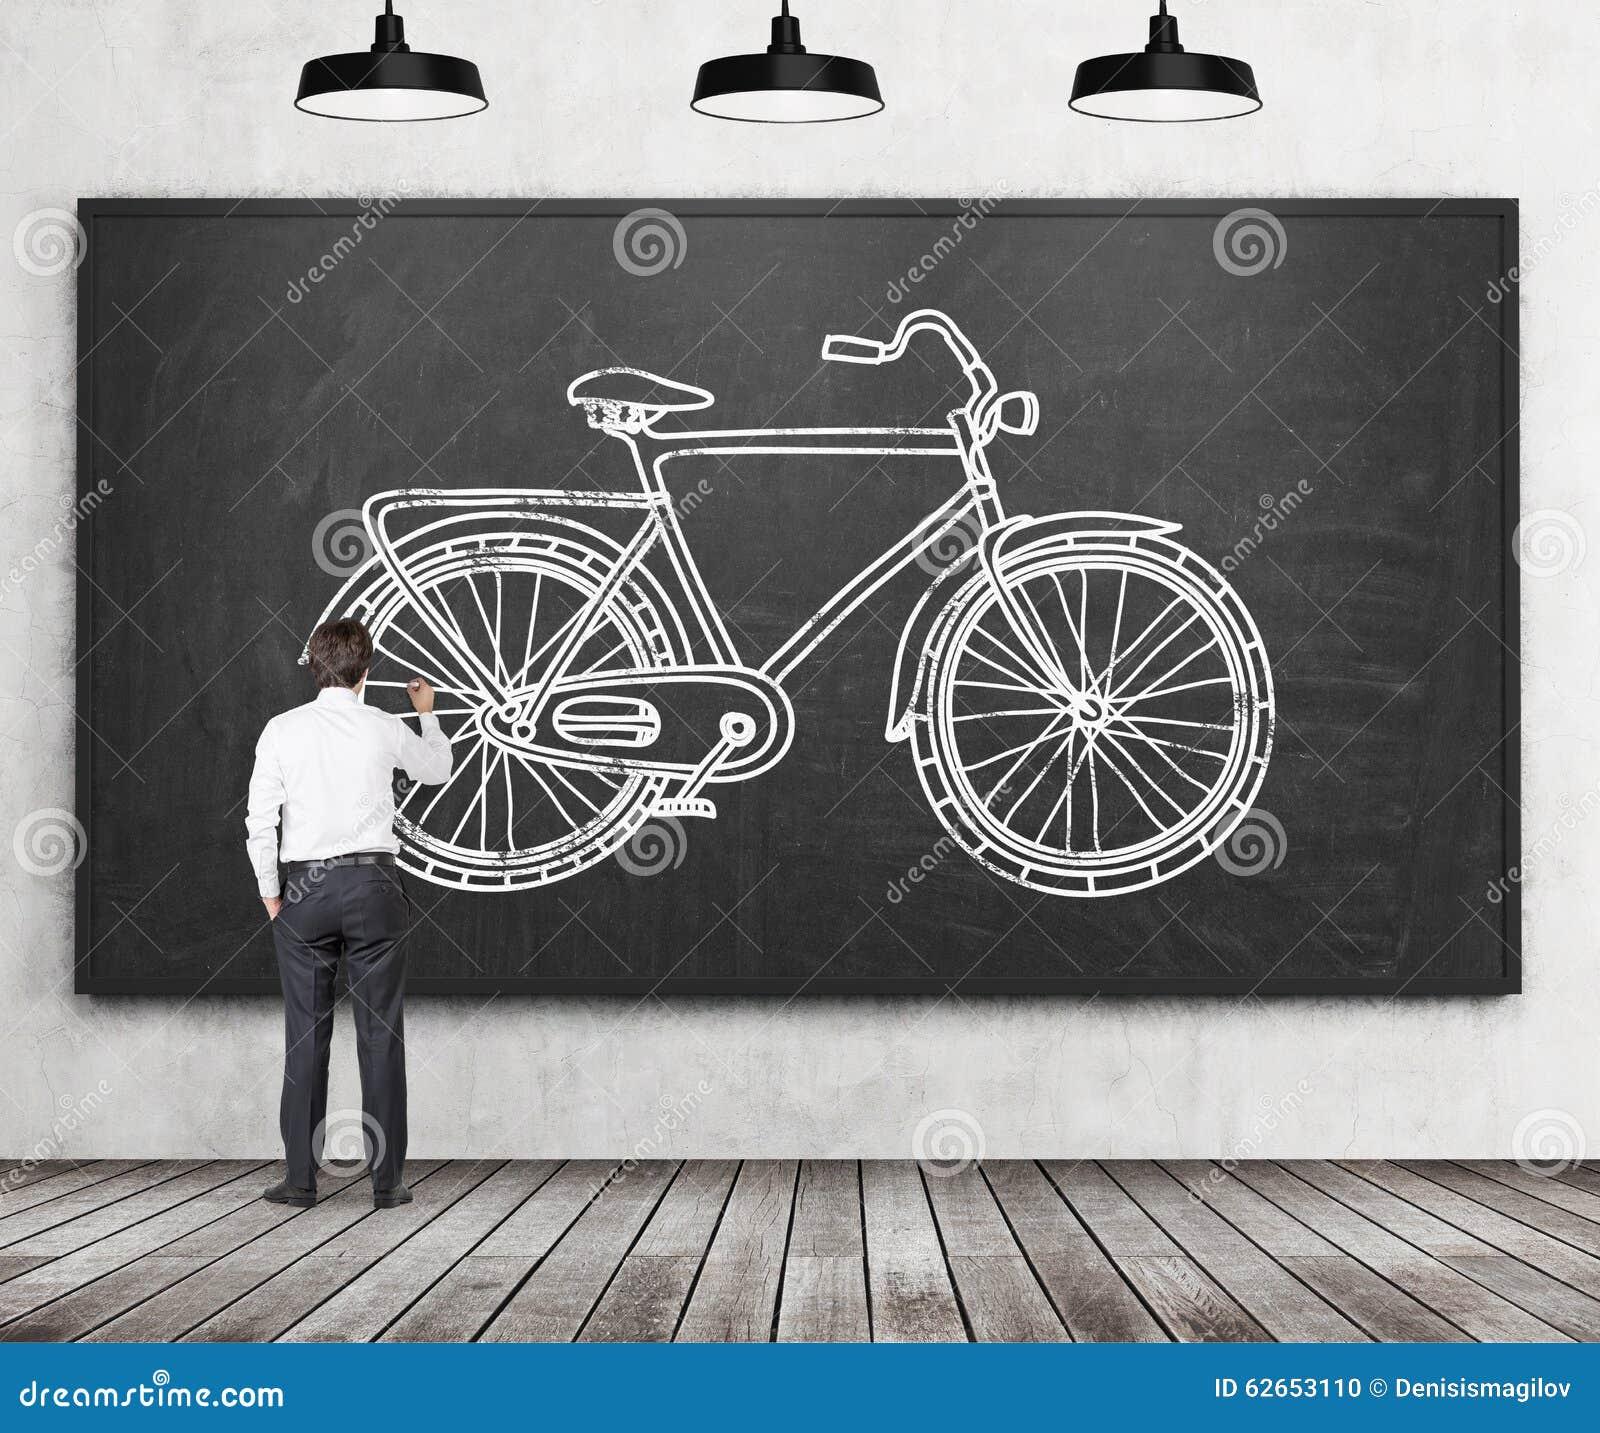 Achtermening van een zakenman in formele kleding die een schets van een fiets op het reusachtige zwarte bord trekt Een concept en